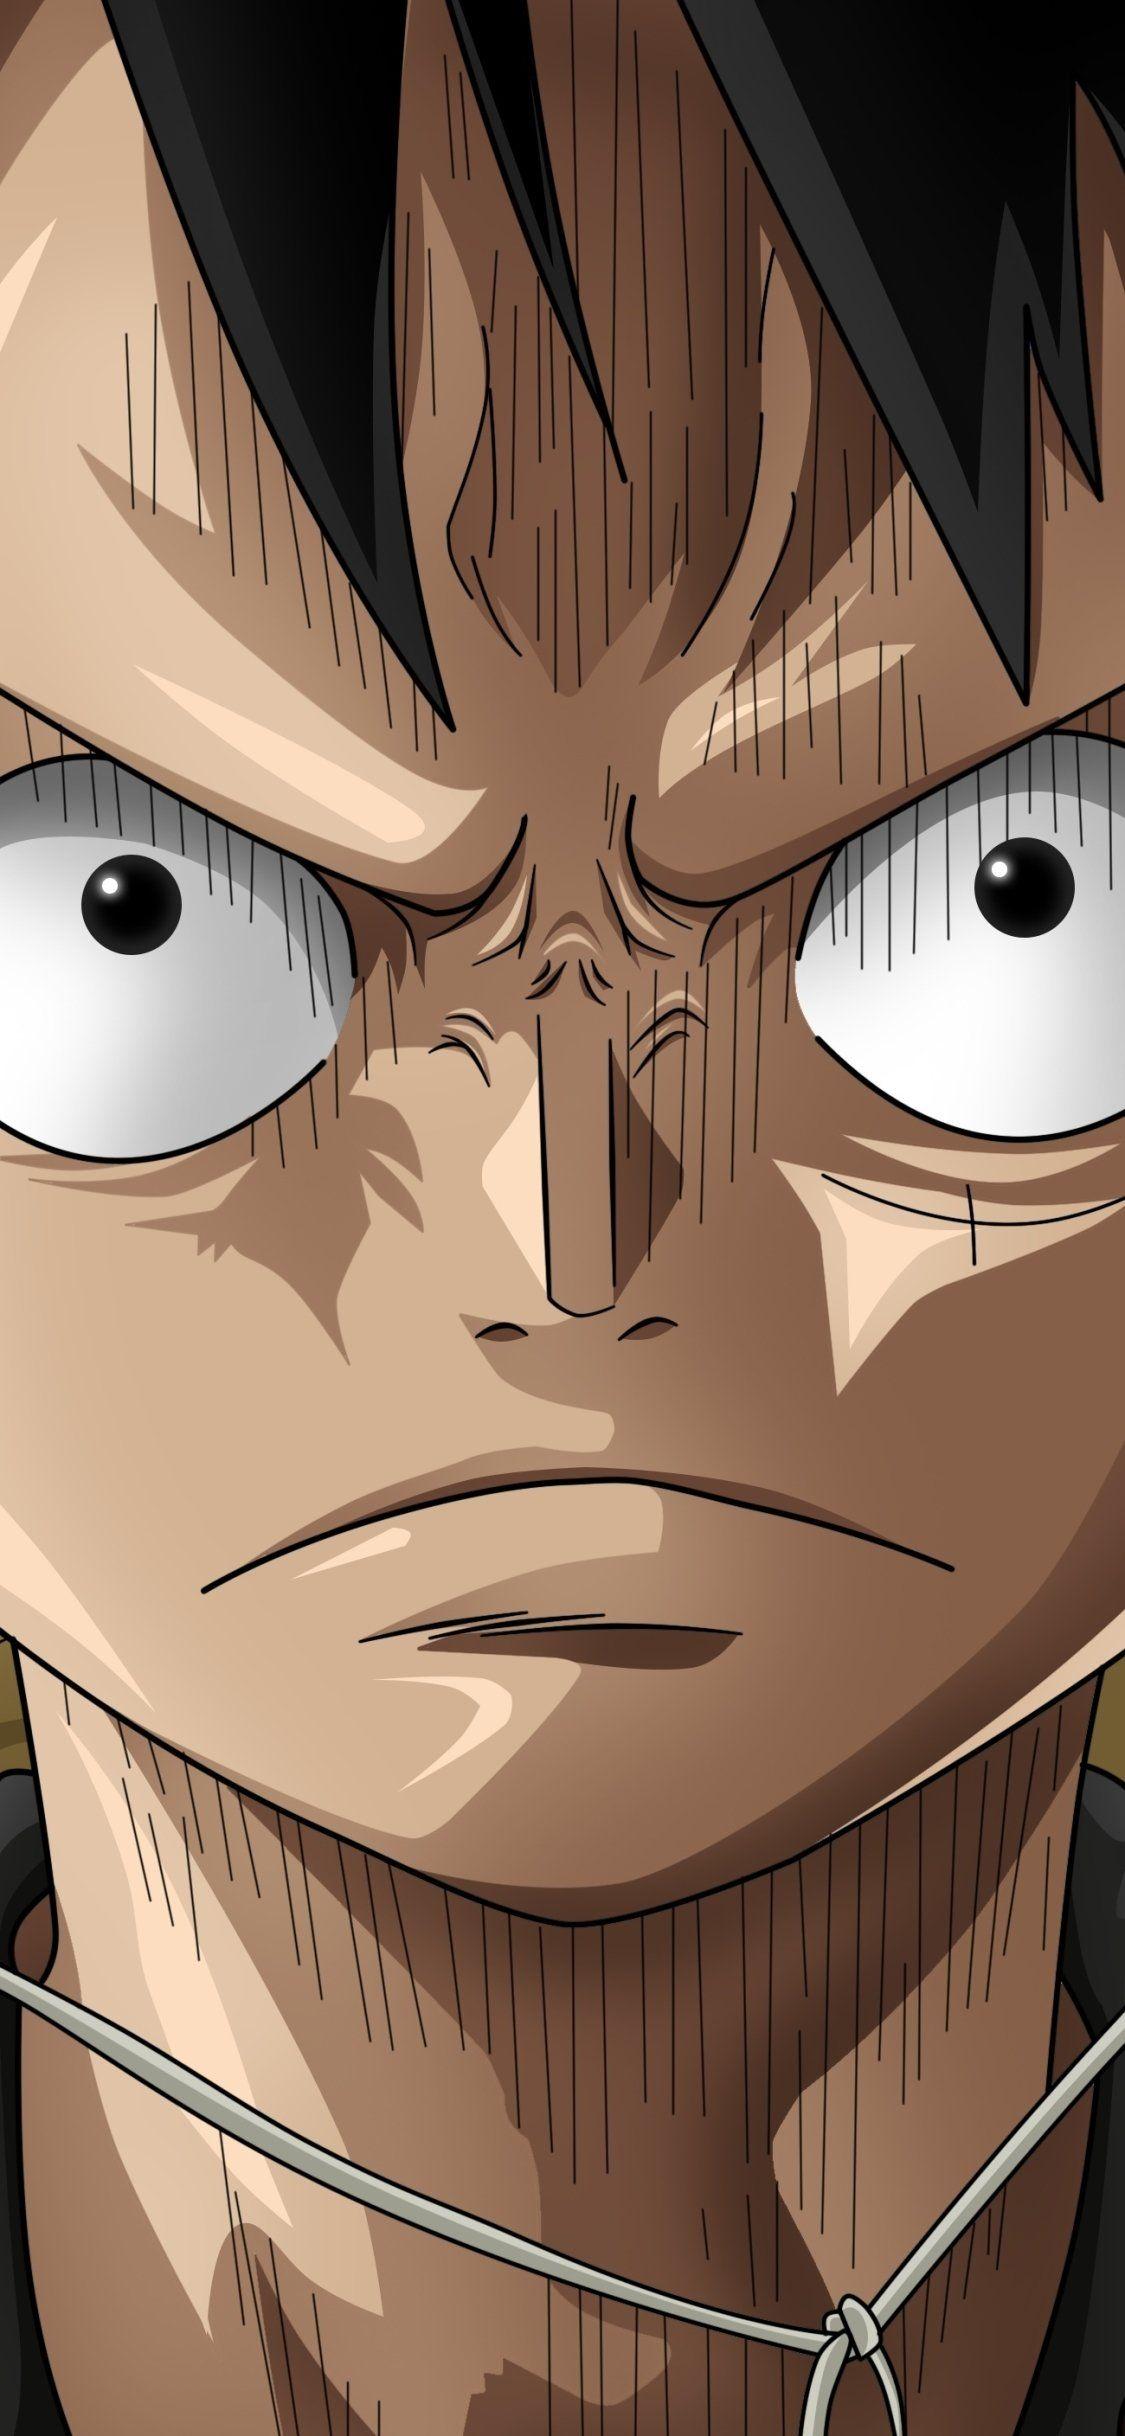 خلفيات انمي ون بيس One Piece للجوال Anime Wallpaper Live Anime Wallpaper One Piece Wallpaper Iphone